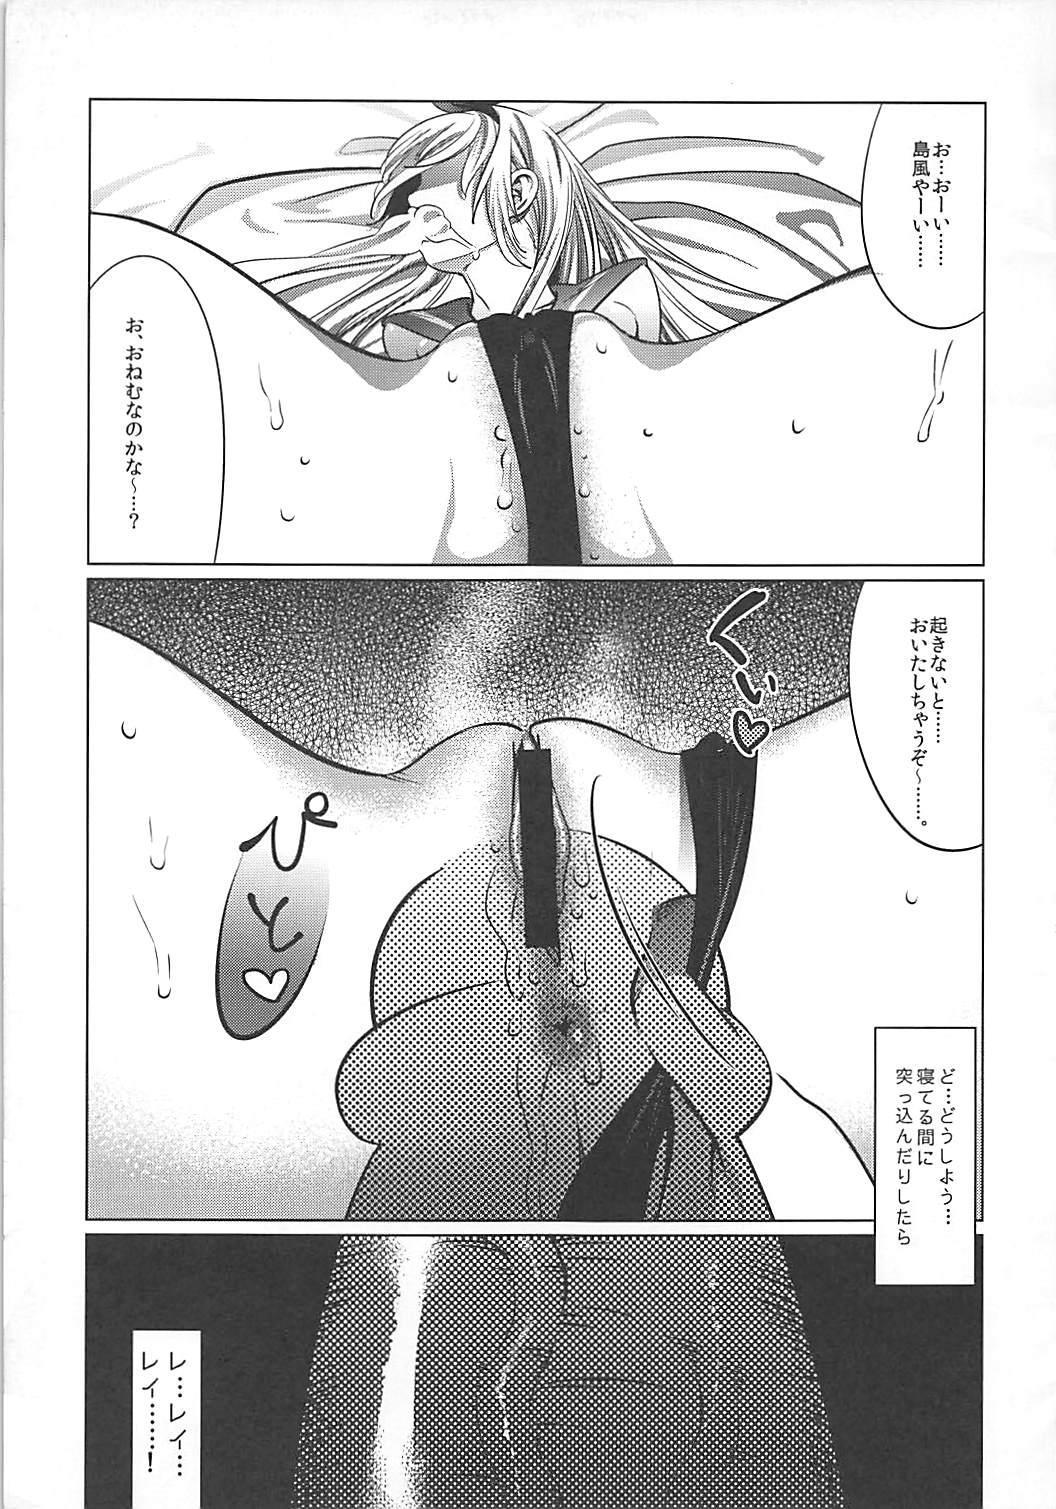 Oogata Senkan Senyou Ian-gata Kuchikukan Shimakaze 13